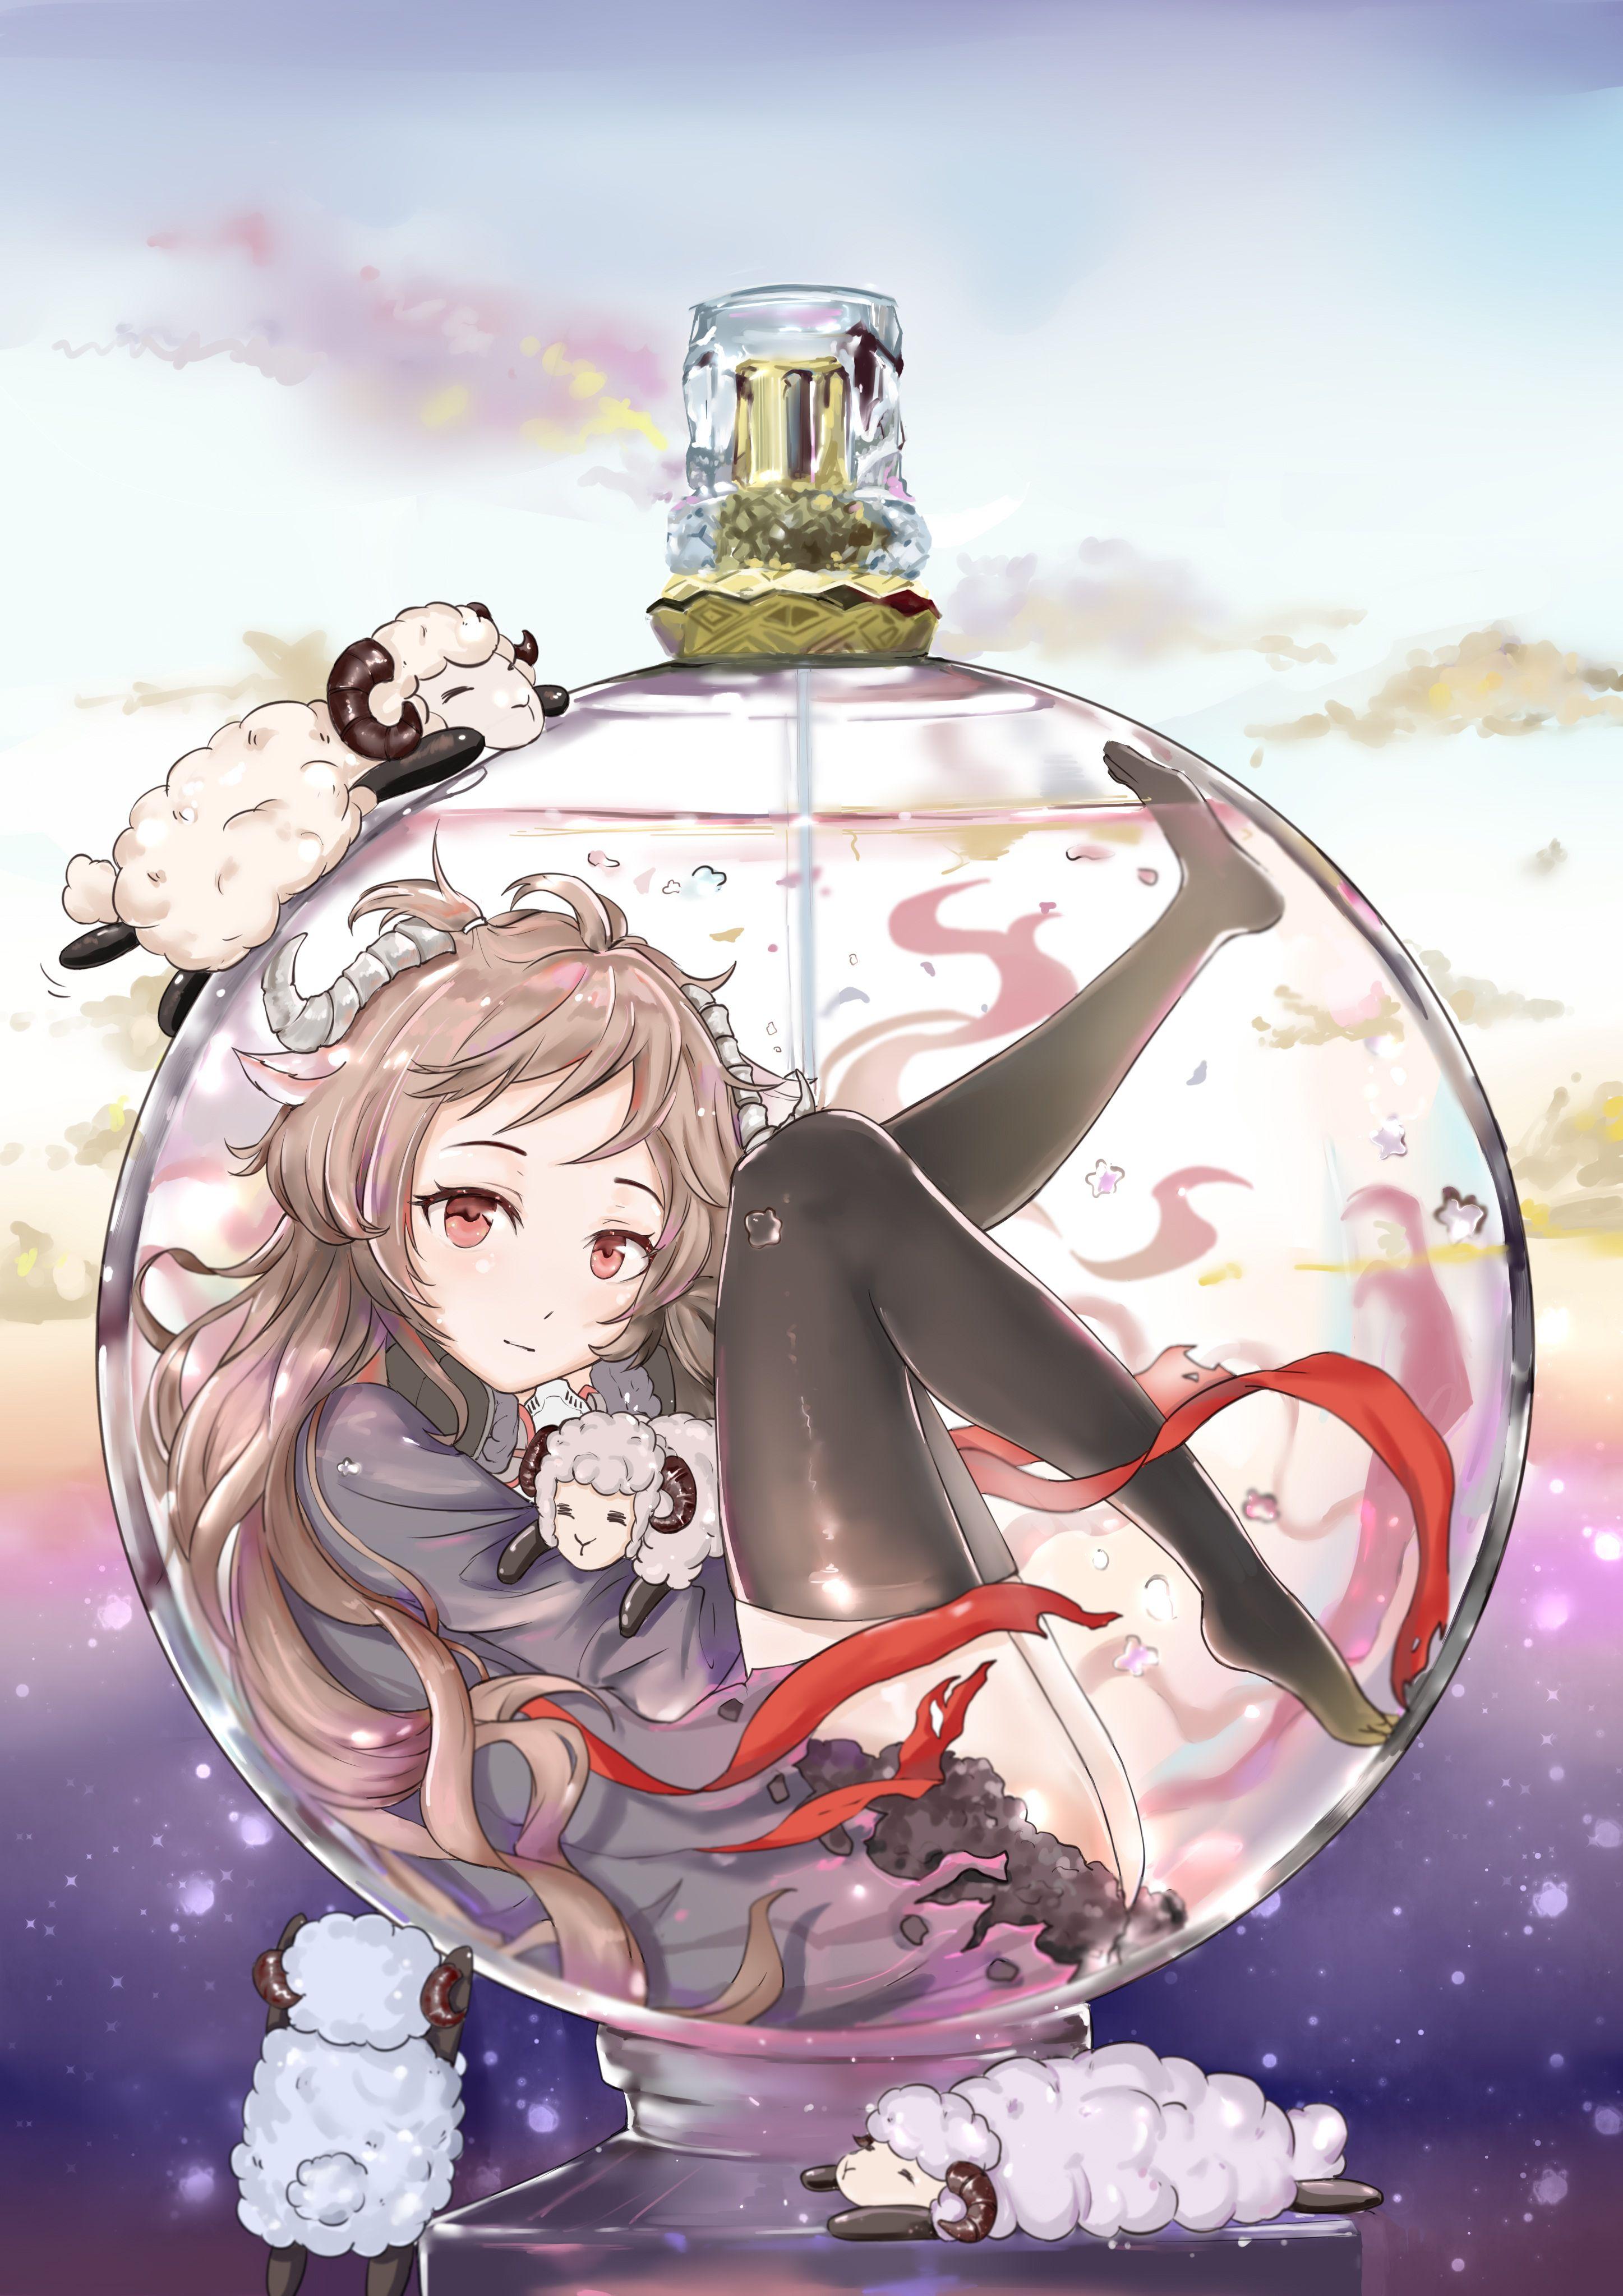 Ghim của Doan trên ガラスの中 ANIME Anime, Nghệ thuật thủy